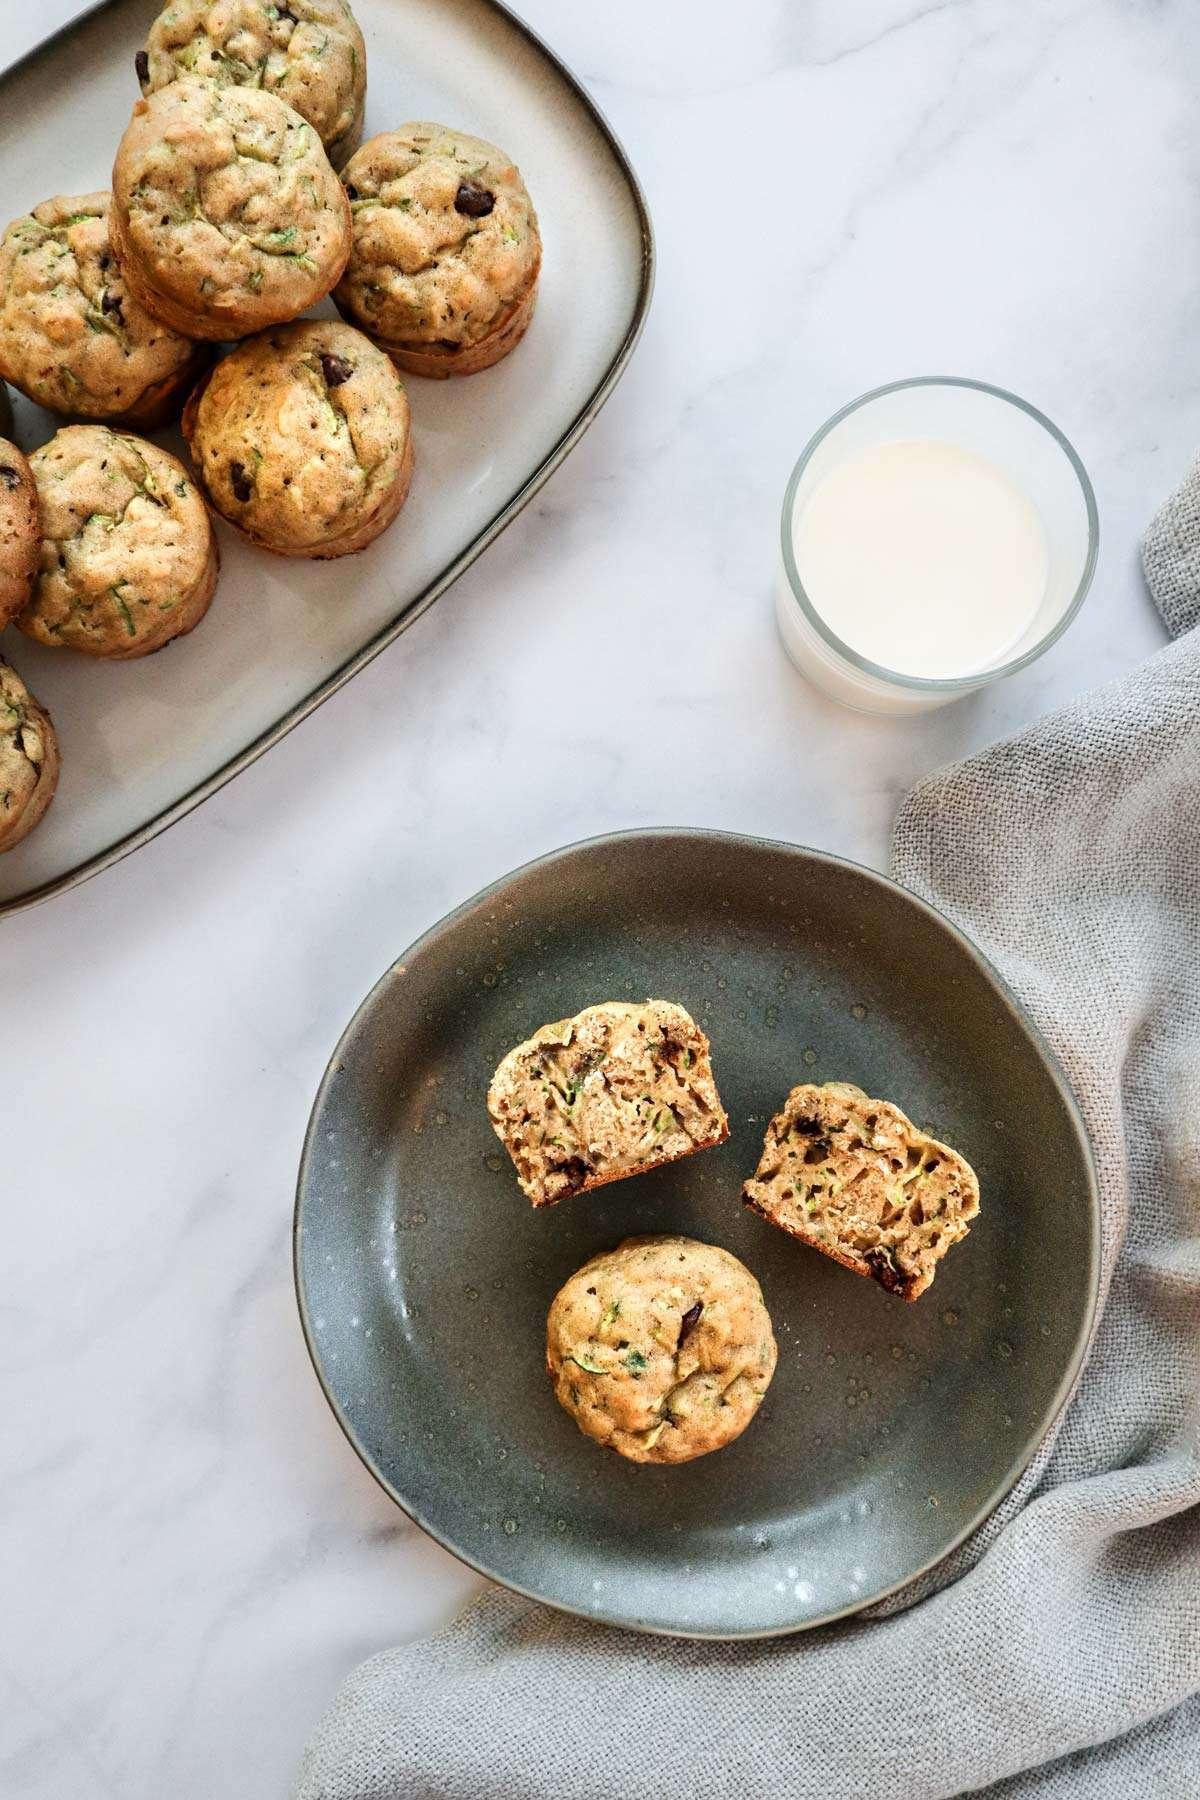 Muffins zucchini et chocolat (courgettes) frais sortis du four